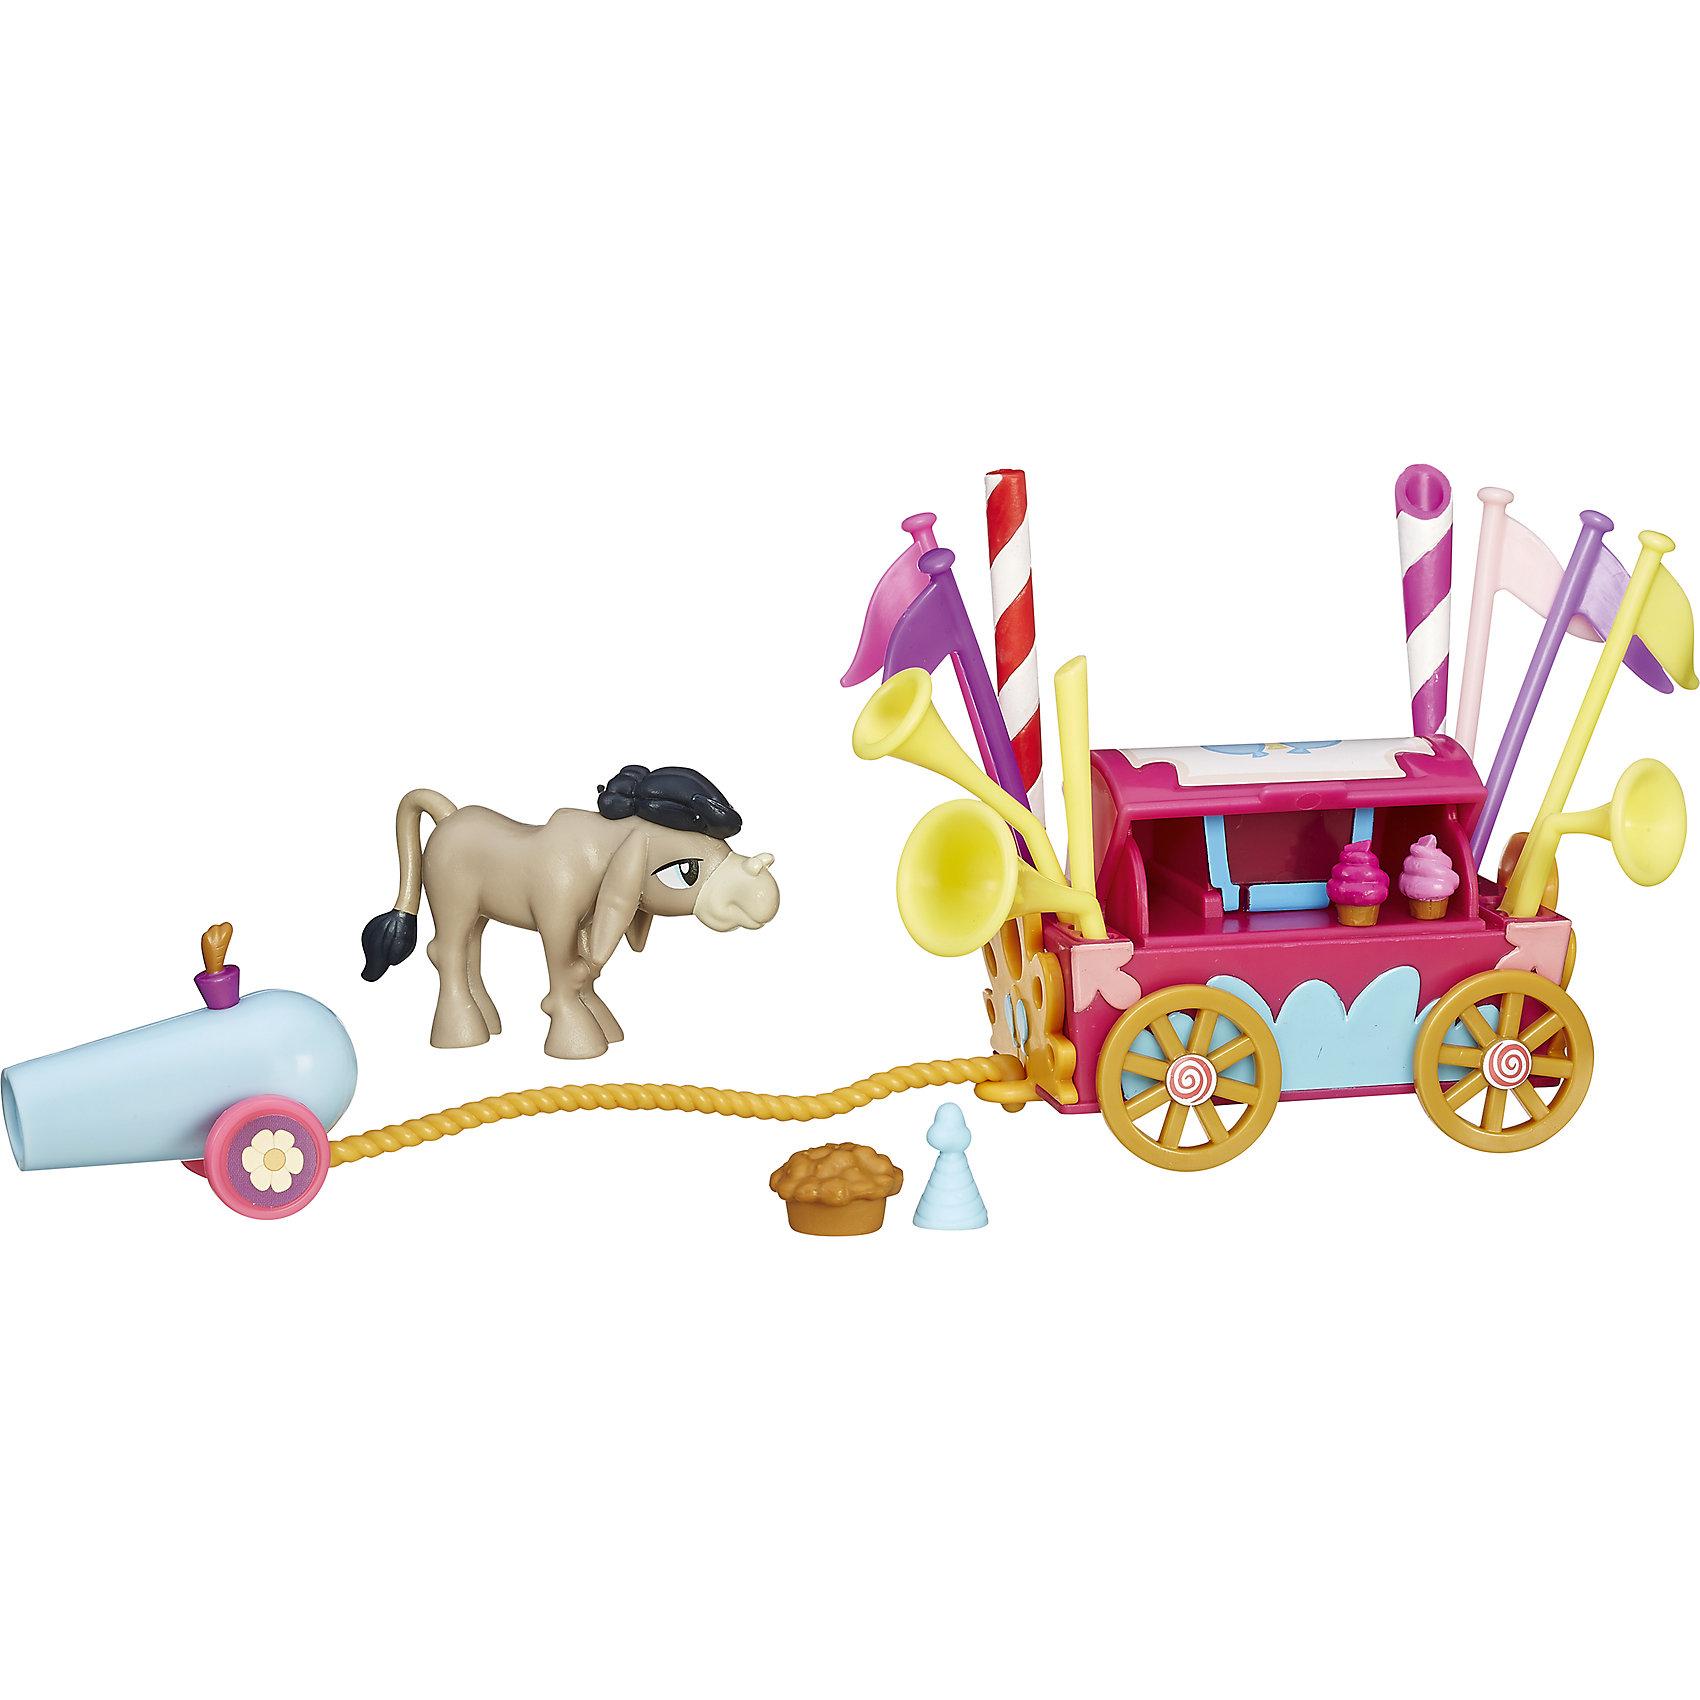 Коллекционный игровой мини-набор пони Крэнки Дудл, My little Pony, B3597/B5567Коллекционный игровой мини-набор пони, My little Pony, B3597/B5567.<br><br>Характеристики:<br><br>- В наборе: фигурка осла Кренки Дудла, тележка, пушка, аксессуары<br>- Размер фигурки осла: около 5 см.<br>- Материал: высококачественная пластмасса<br>- Размер упаковки: 20x16.5x6 см.<br><br>Коллекционный набор c фигуркой Крэнки Дудла от Hasbro (Хасбро) станет приятным подарком для девочки - поклонницы мультсериала Моя маленькая пони. Дружба - это чудо!. Персонаж по имени Кренки Дудл сыграл заметную роль в 5 сезоне мультсериала, ведь он подружился со всеми героями и нашел любовь всей своей жизни. Фигурка Кренки Дудла с тележкой, в которой есть вкусное мороженое, разноцветные шесты и флаги, трубы, выпечка, праздничные колпачки и даже пушка для конфетти позволит придумать множество разных сюжетных линий и историй. Набор выполнен из высококачественной пластмассы, безопасен для детей.<br><br>Коллекционный игровой мини-набор пони, My little Pony, B3597/B5567 можно купить в нашем интернет-магазине.<br><br>Ширина мм: 206<br>Глубина мм: 167<br>Высота мм: 600<br>Вес г: 132<br>Возраст от месяцев: 48<br>Возраст до месяцев: 72<br>Пол: Женский<br>Возраст: Детский<br>SKU: 5064686